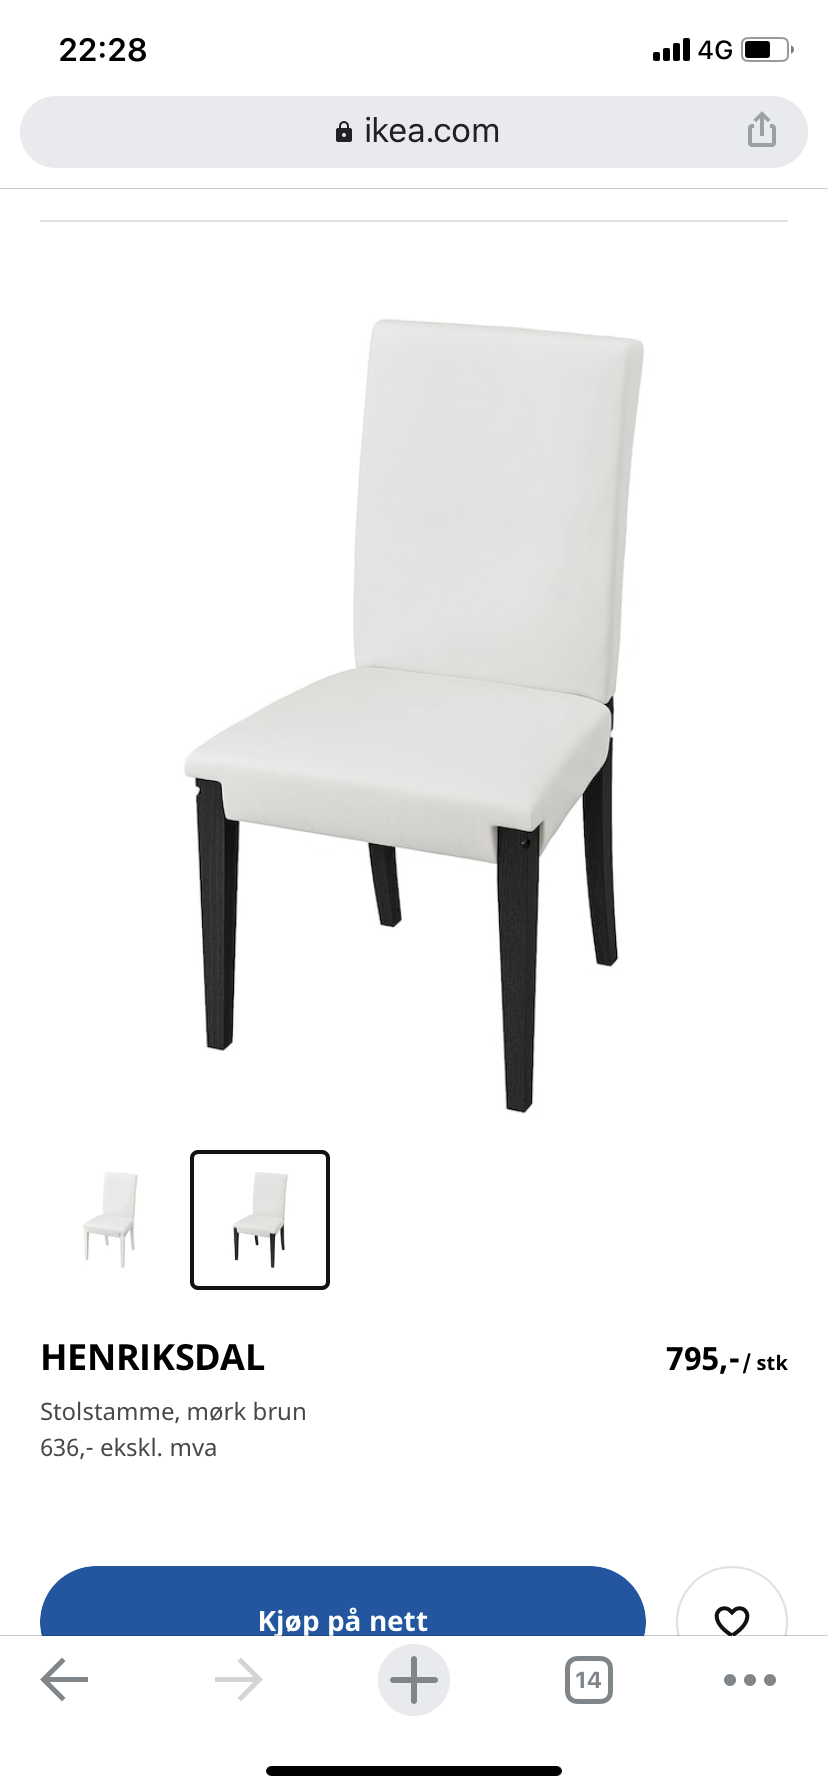 Spisestuestoler IKEA Henriksdal med armlener | FINN.no